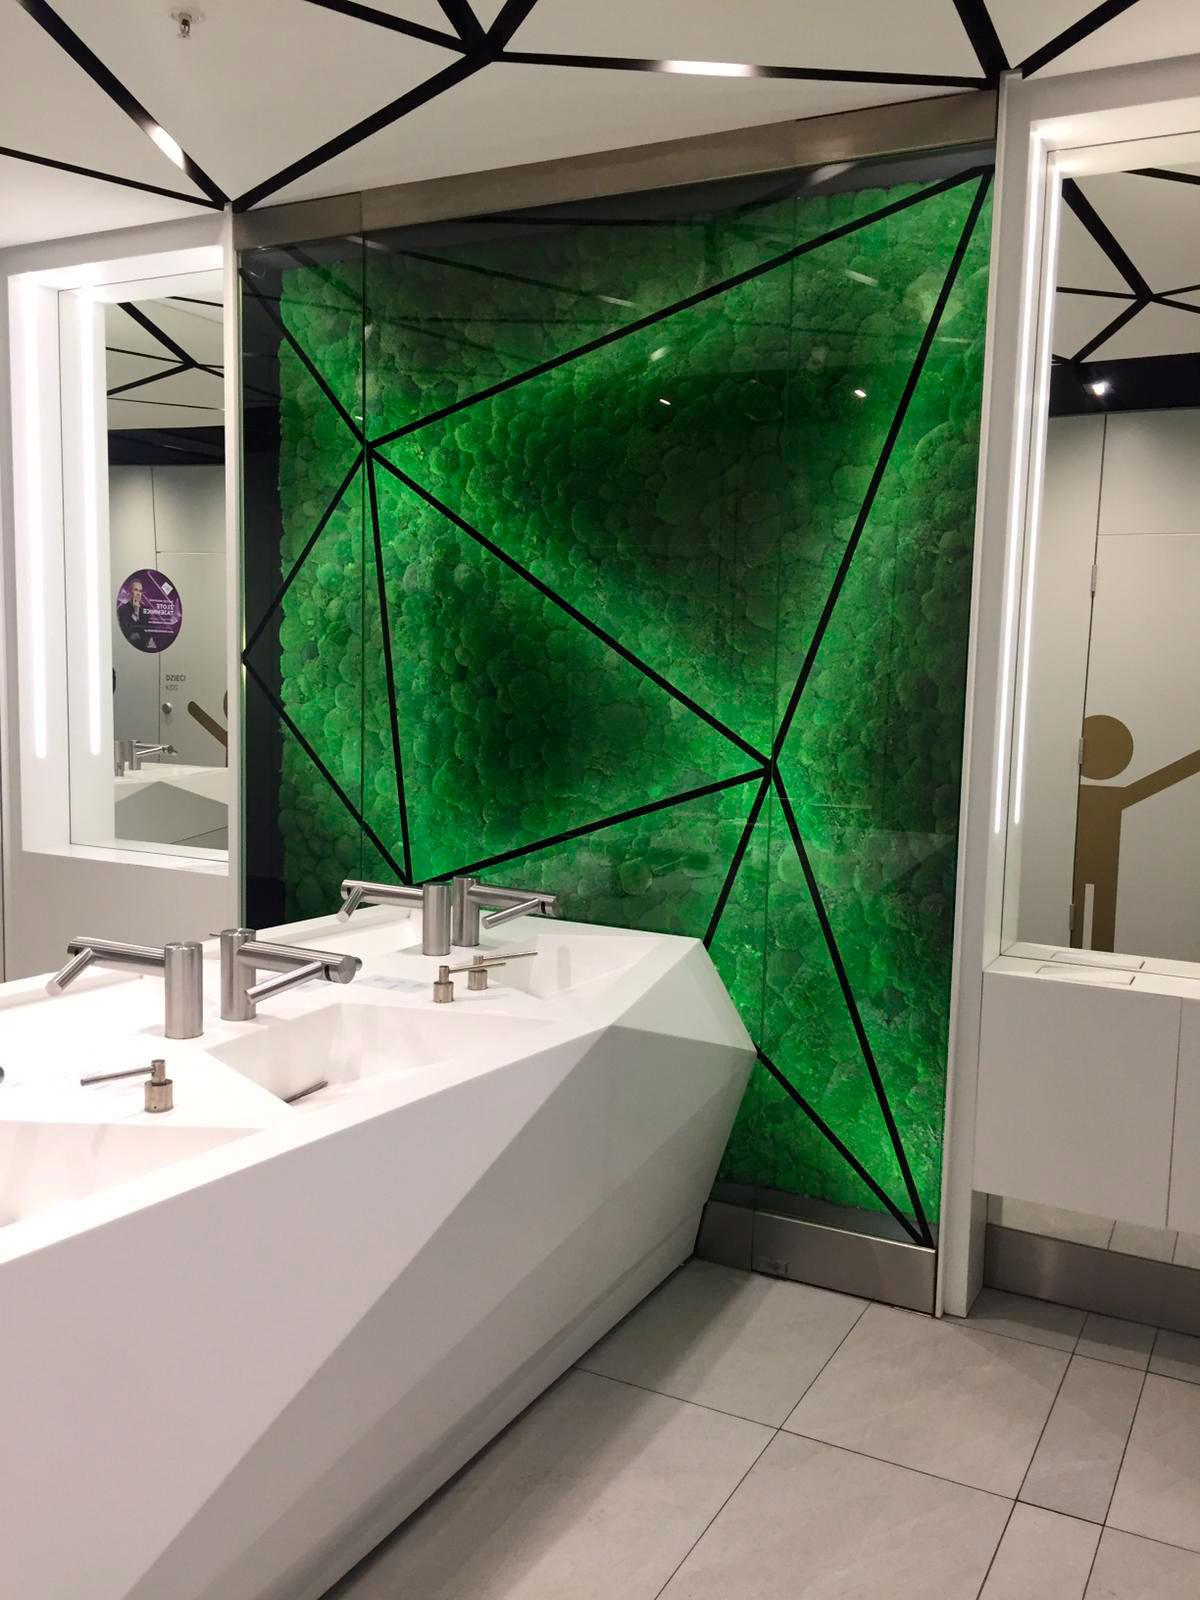 Jardin vertical en baño